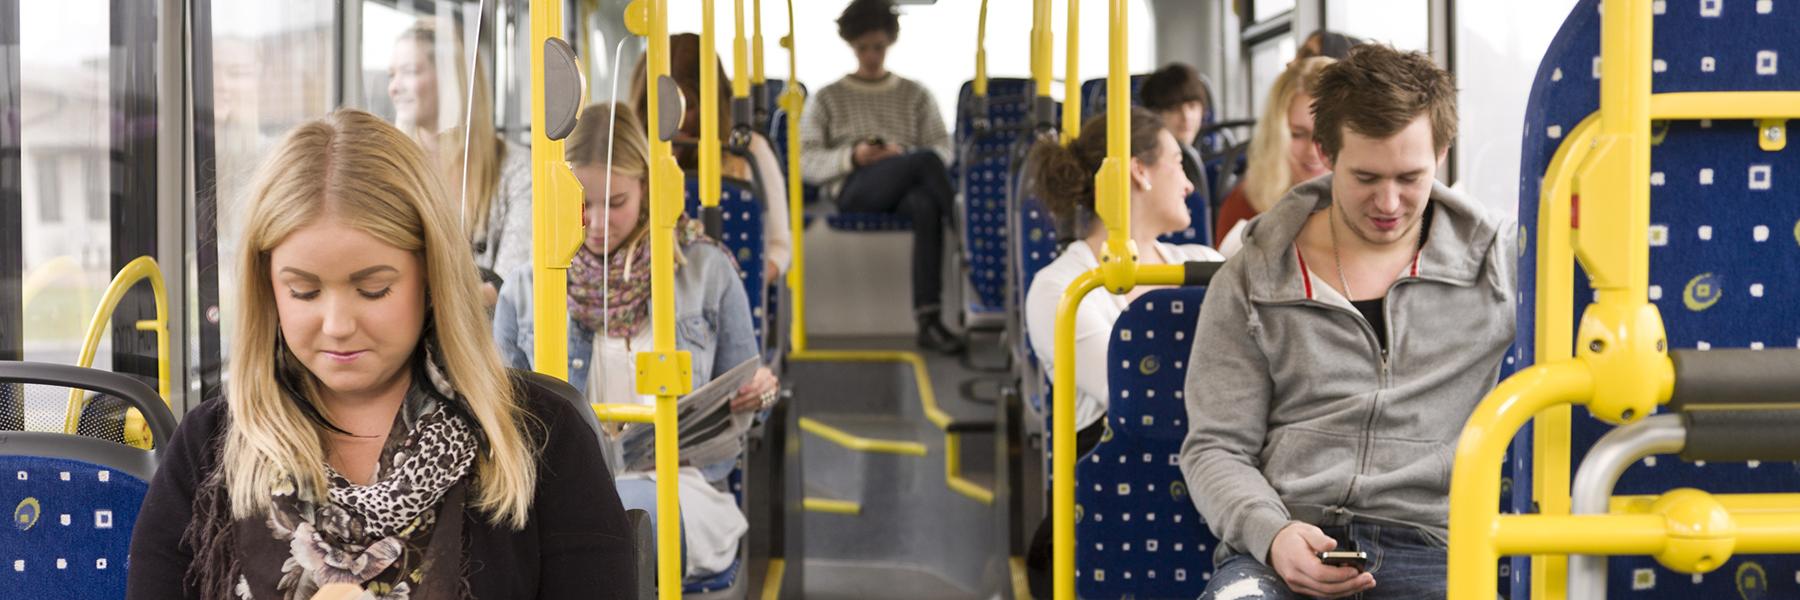 smotret-v-avtobuse